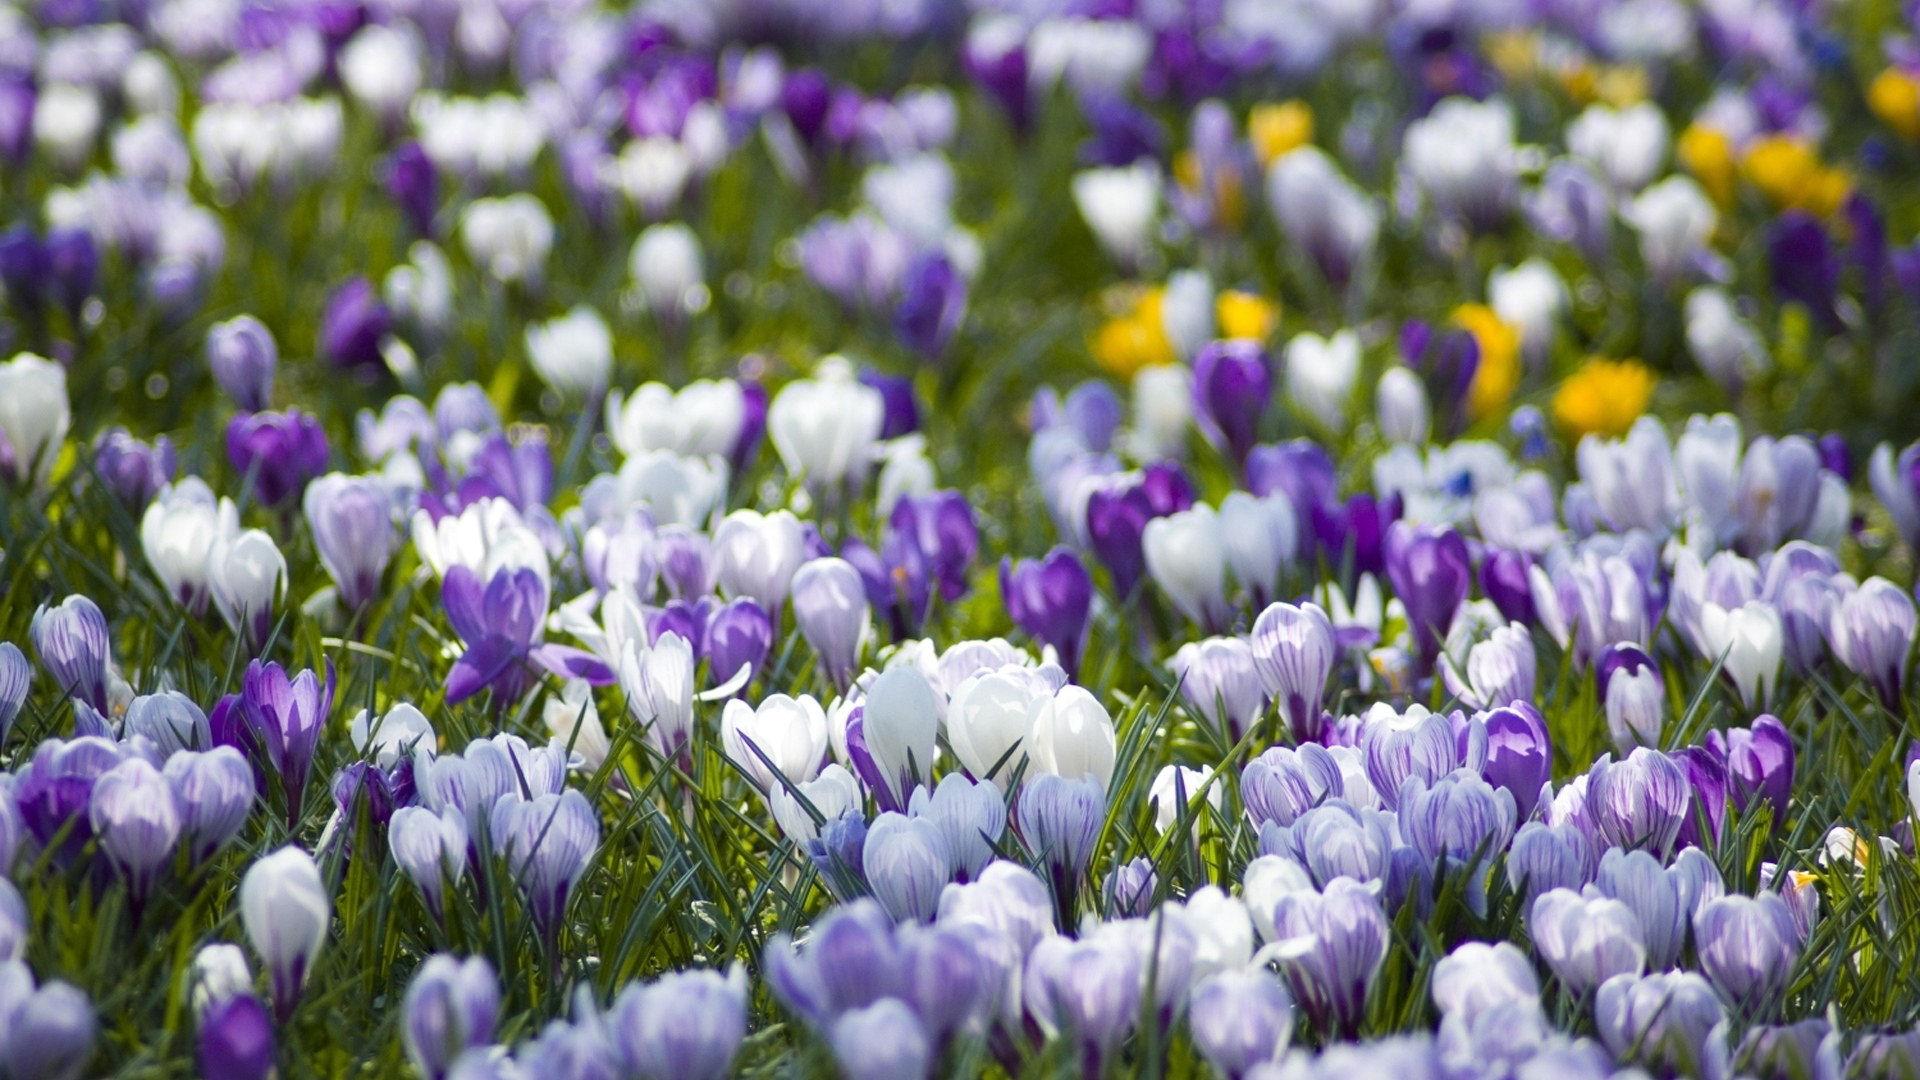 صور ورود جميلة اجمل صور الورد والازهار بجودة HD (39)